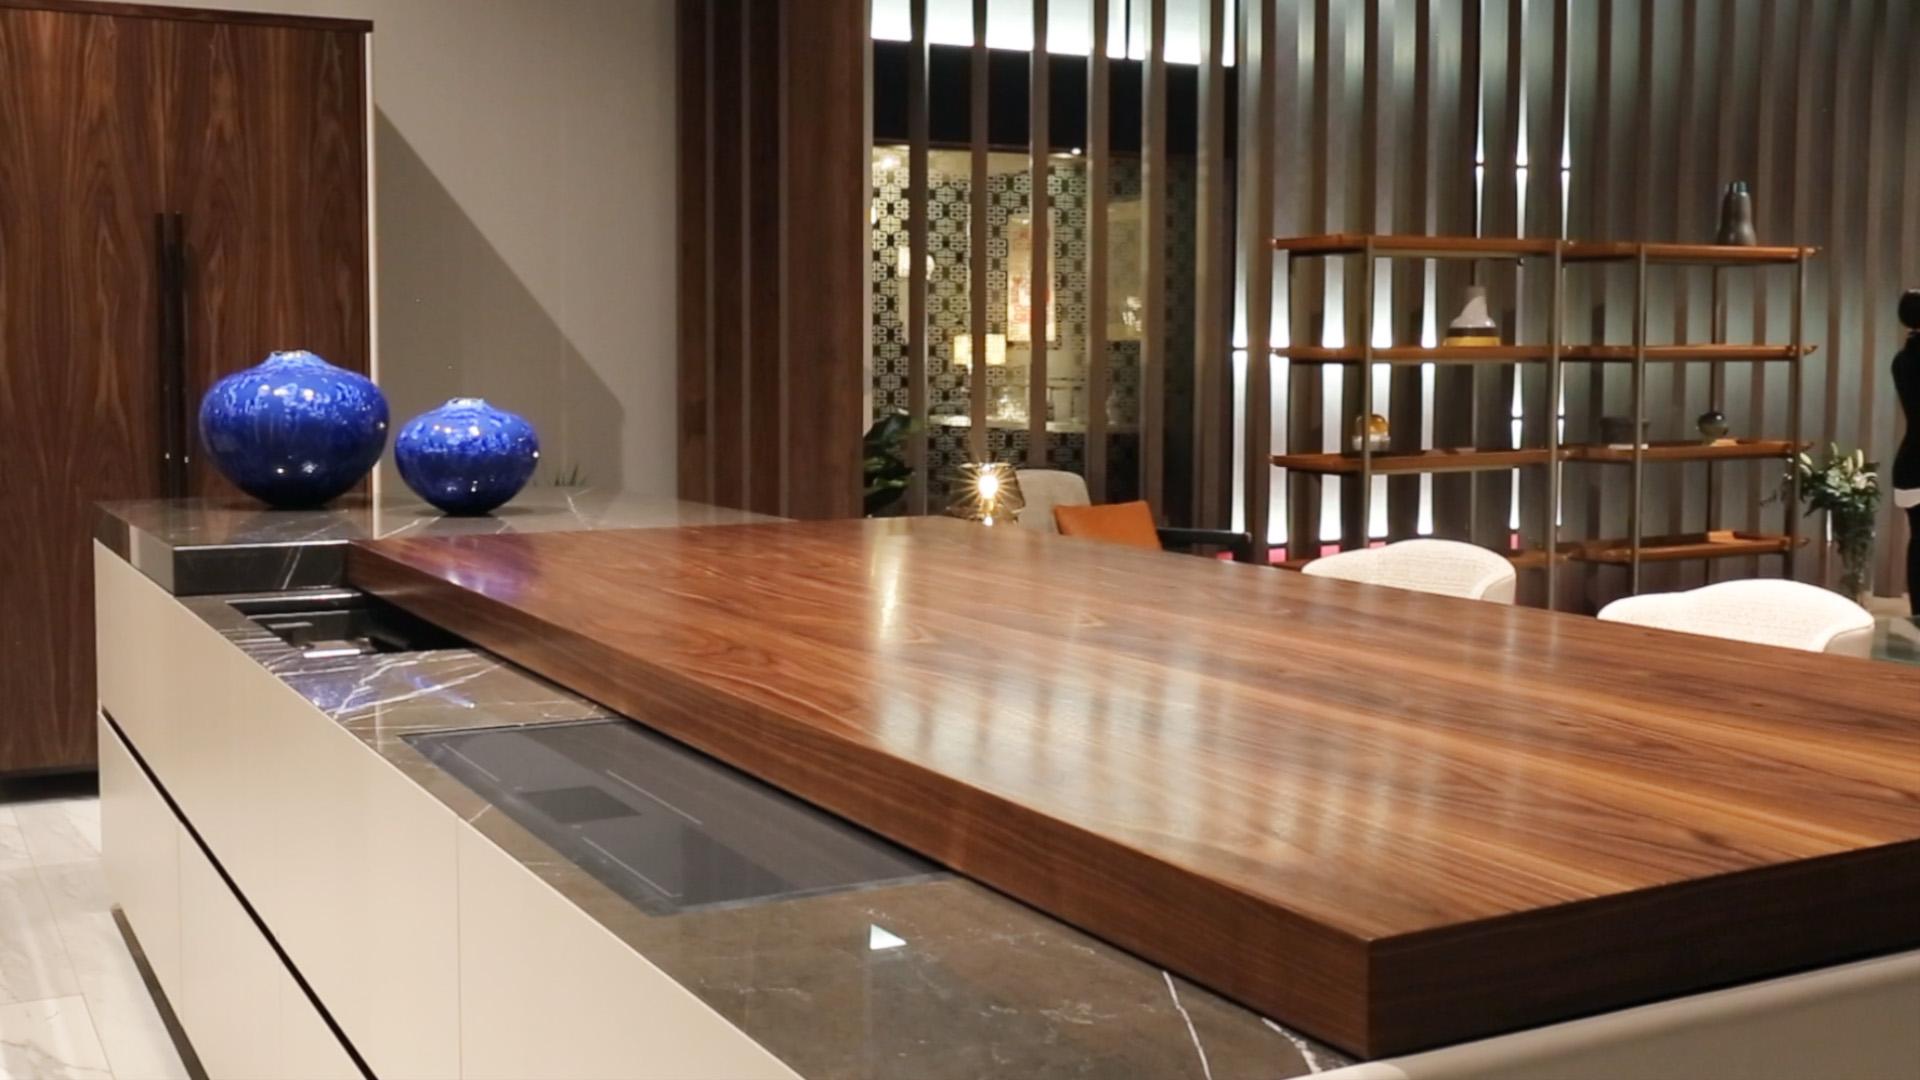 Küche-Formitalia -Aston-Martin-Sequenz